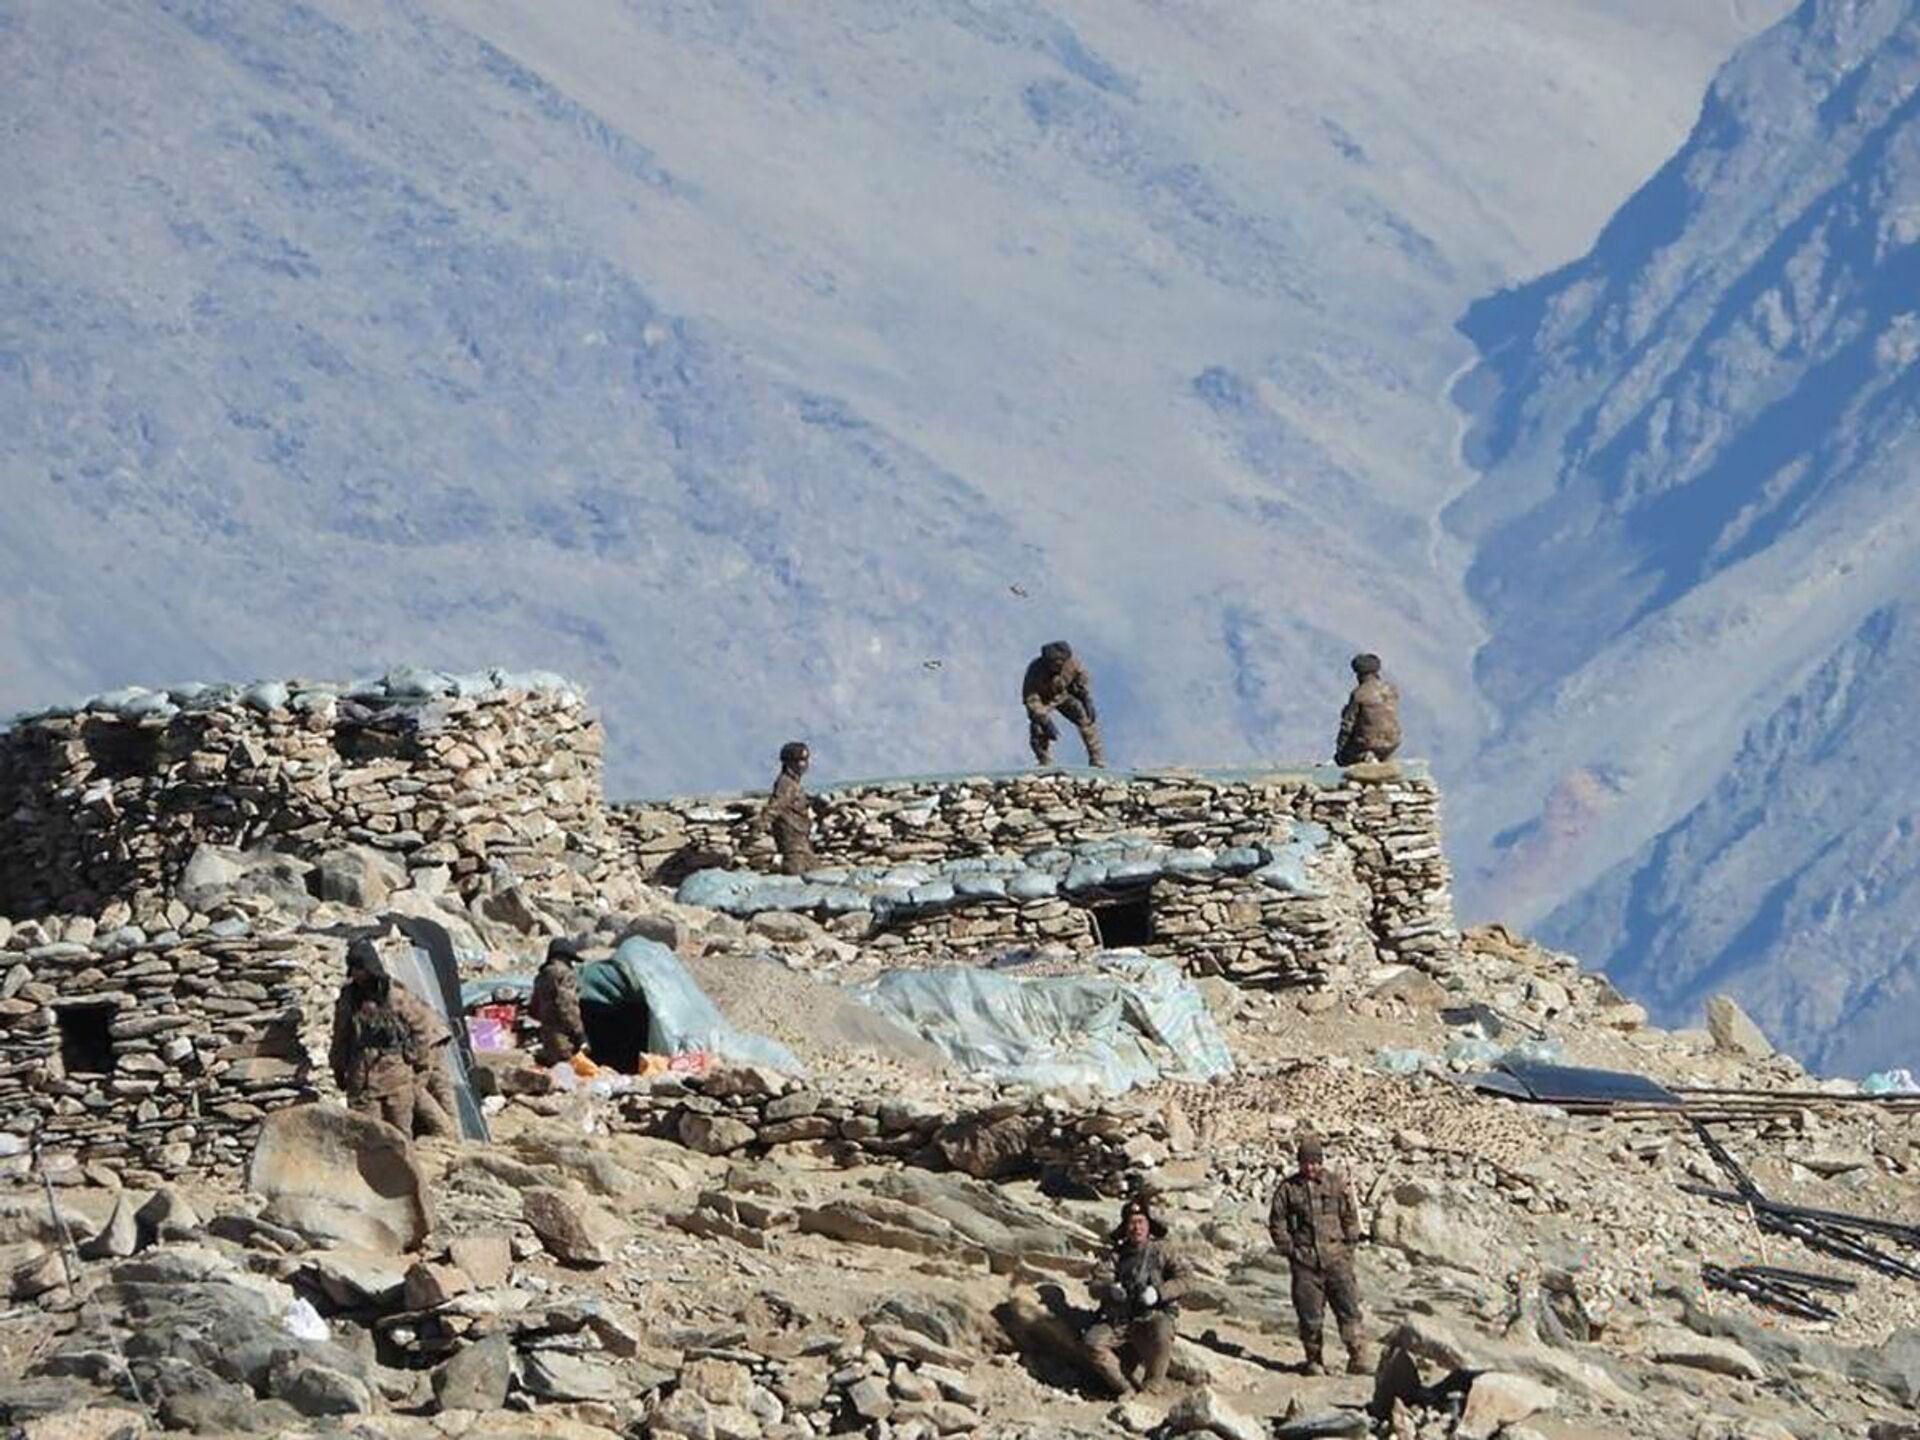 Lính Trung Quốc ở khu vực Ladakh gần ranh giới Ấn-Trung. - Sputnik Việt Nam, 1920, 05.10.2021